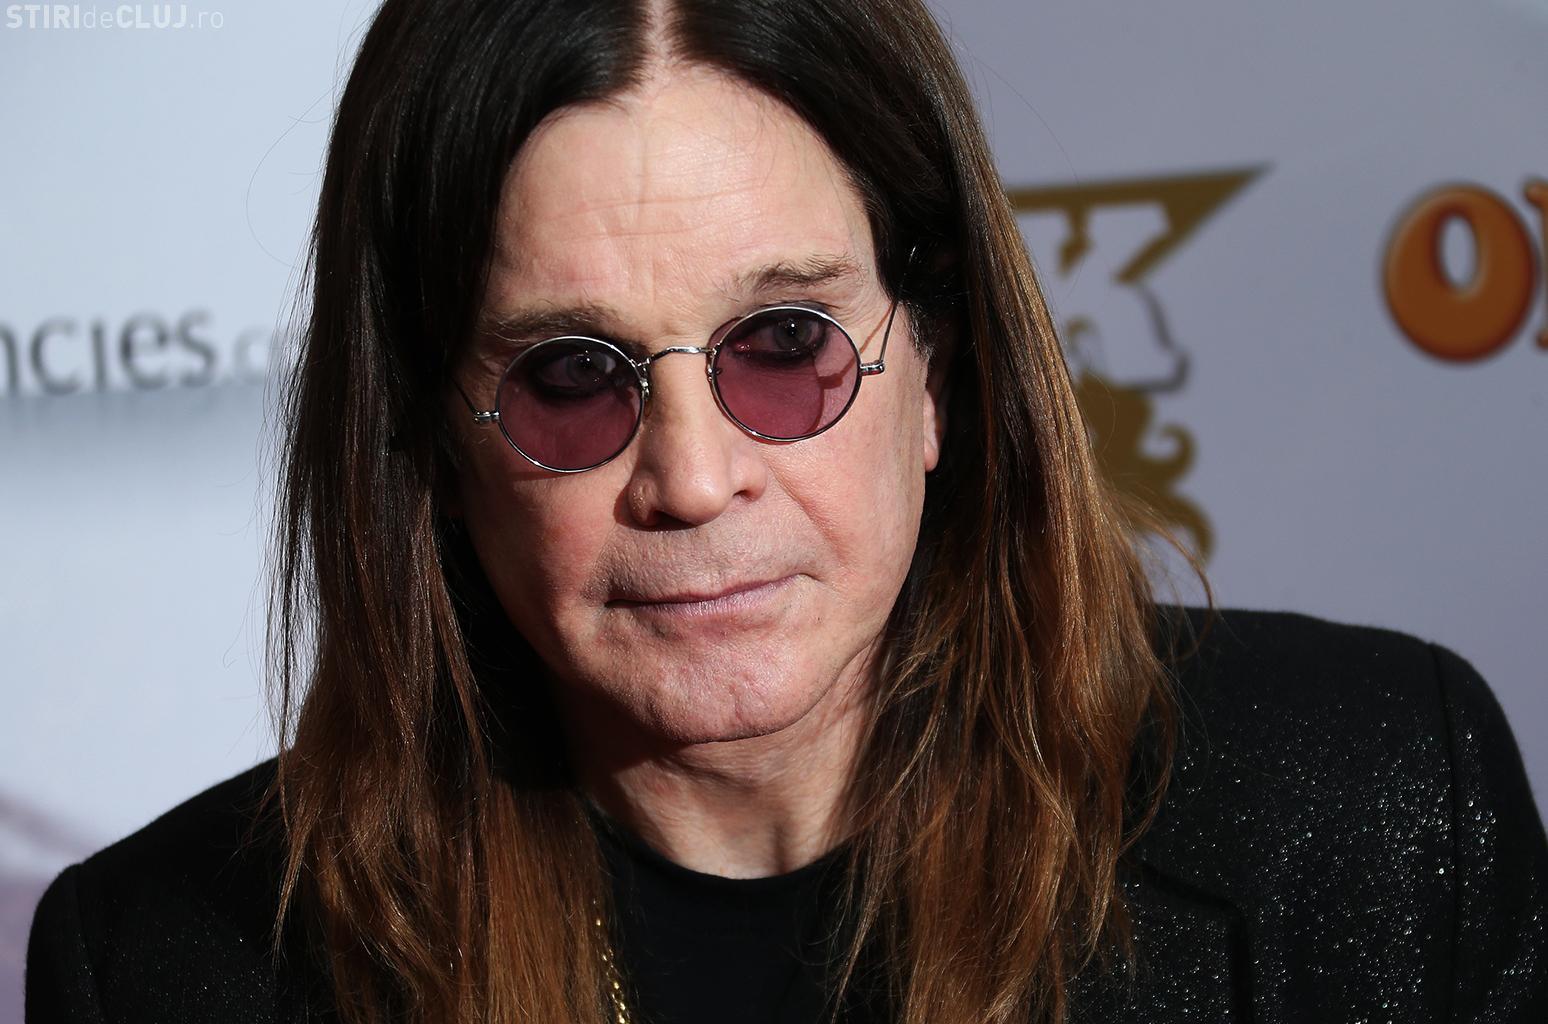 Legendarul rocker Ozzy Osbourne se retrage de pe scenă